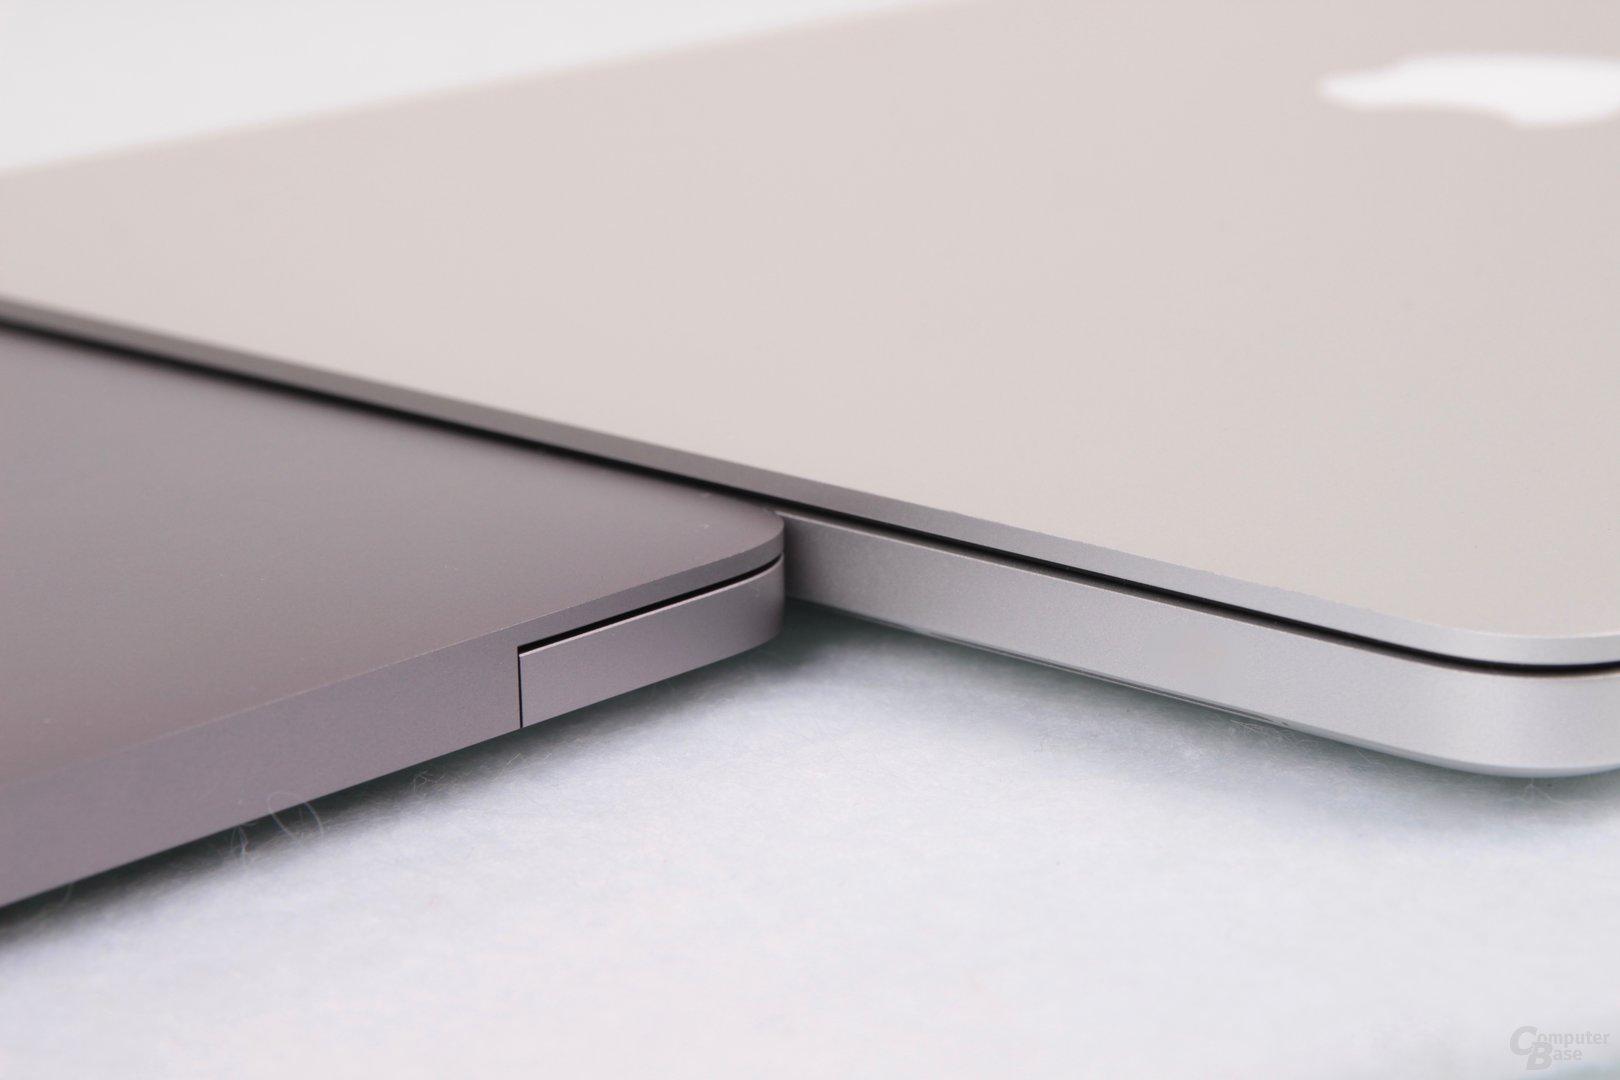 Drei Millimeter flacher ist das neue Modell